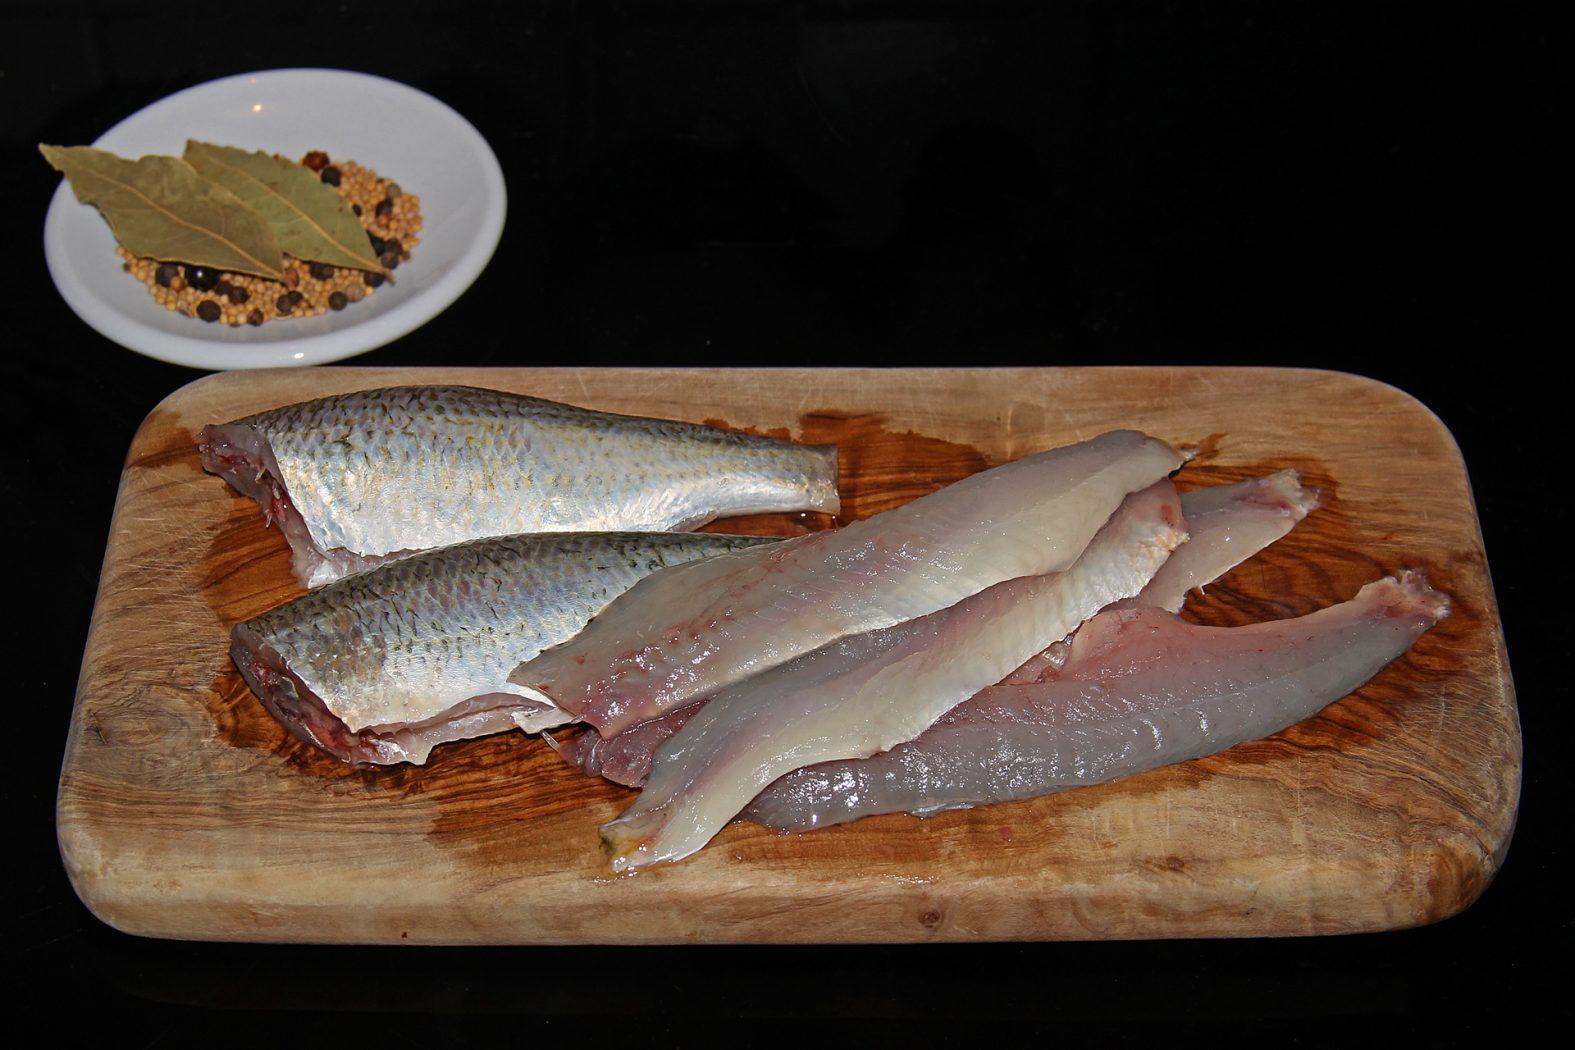 Speisefisch Rotauge: das Rezept für sauer eingelegte Weißfische